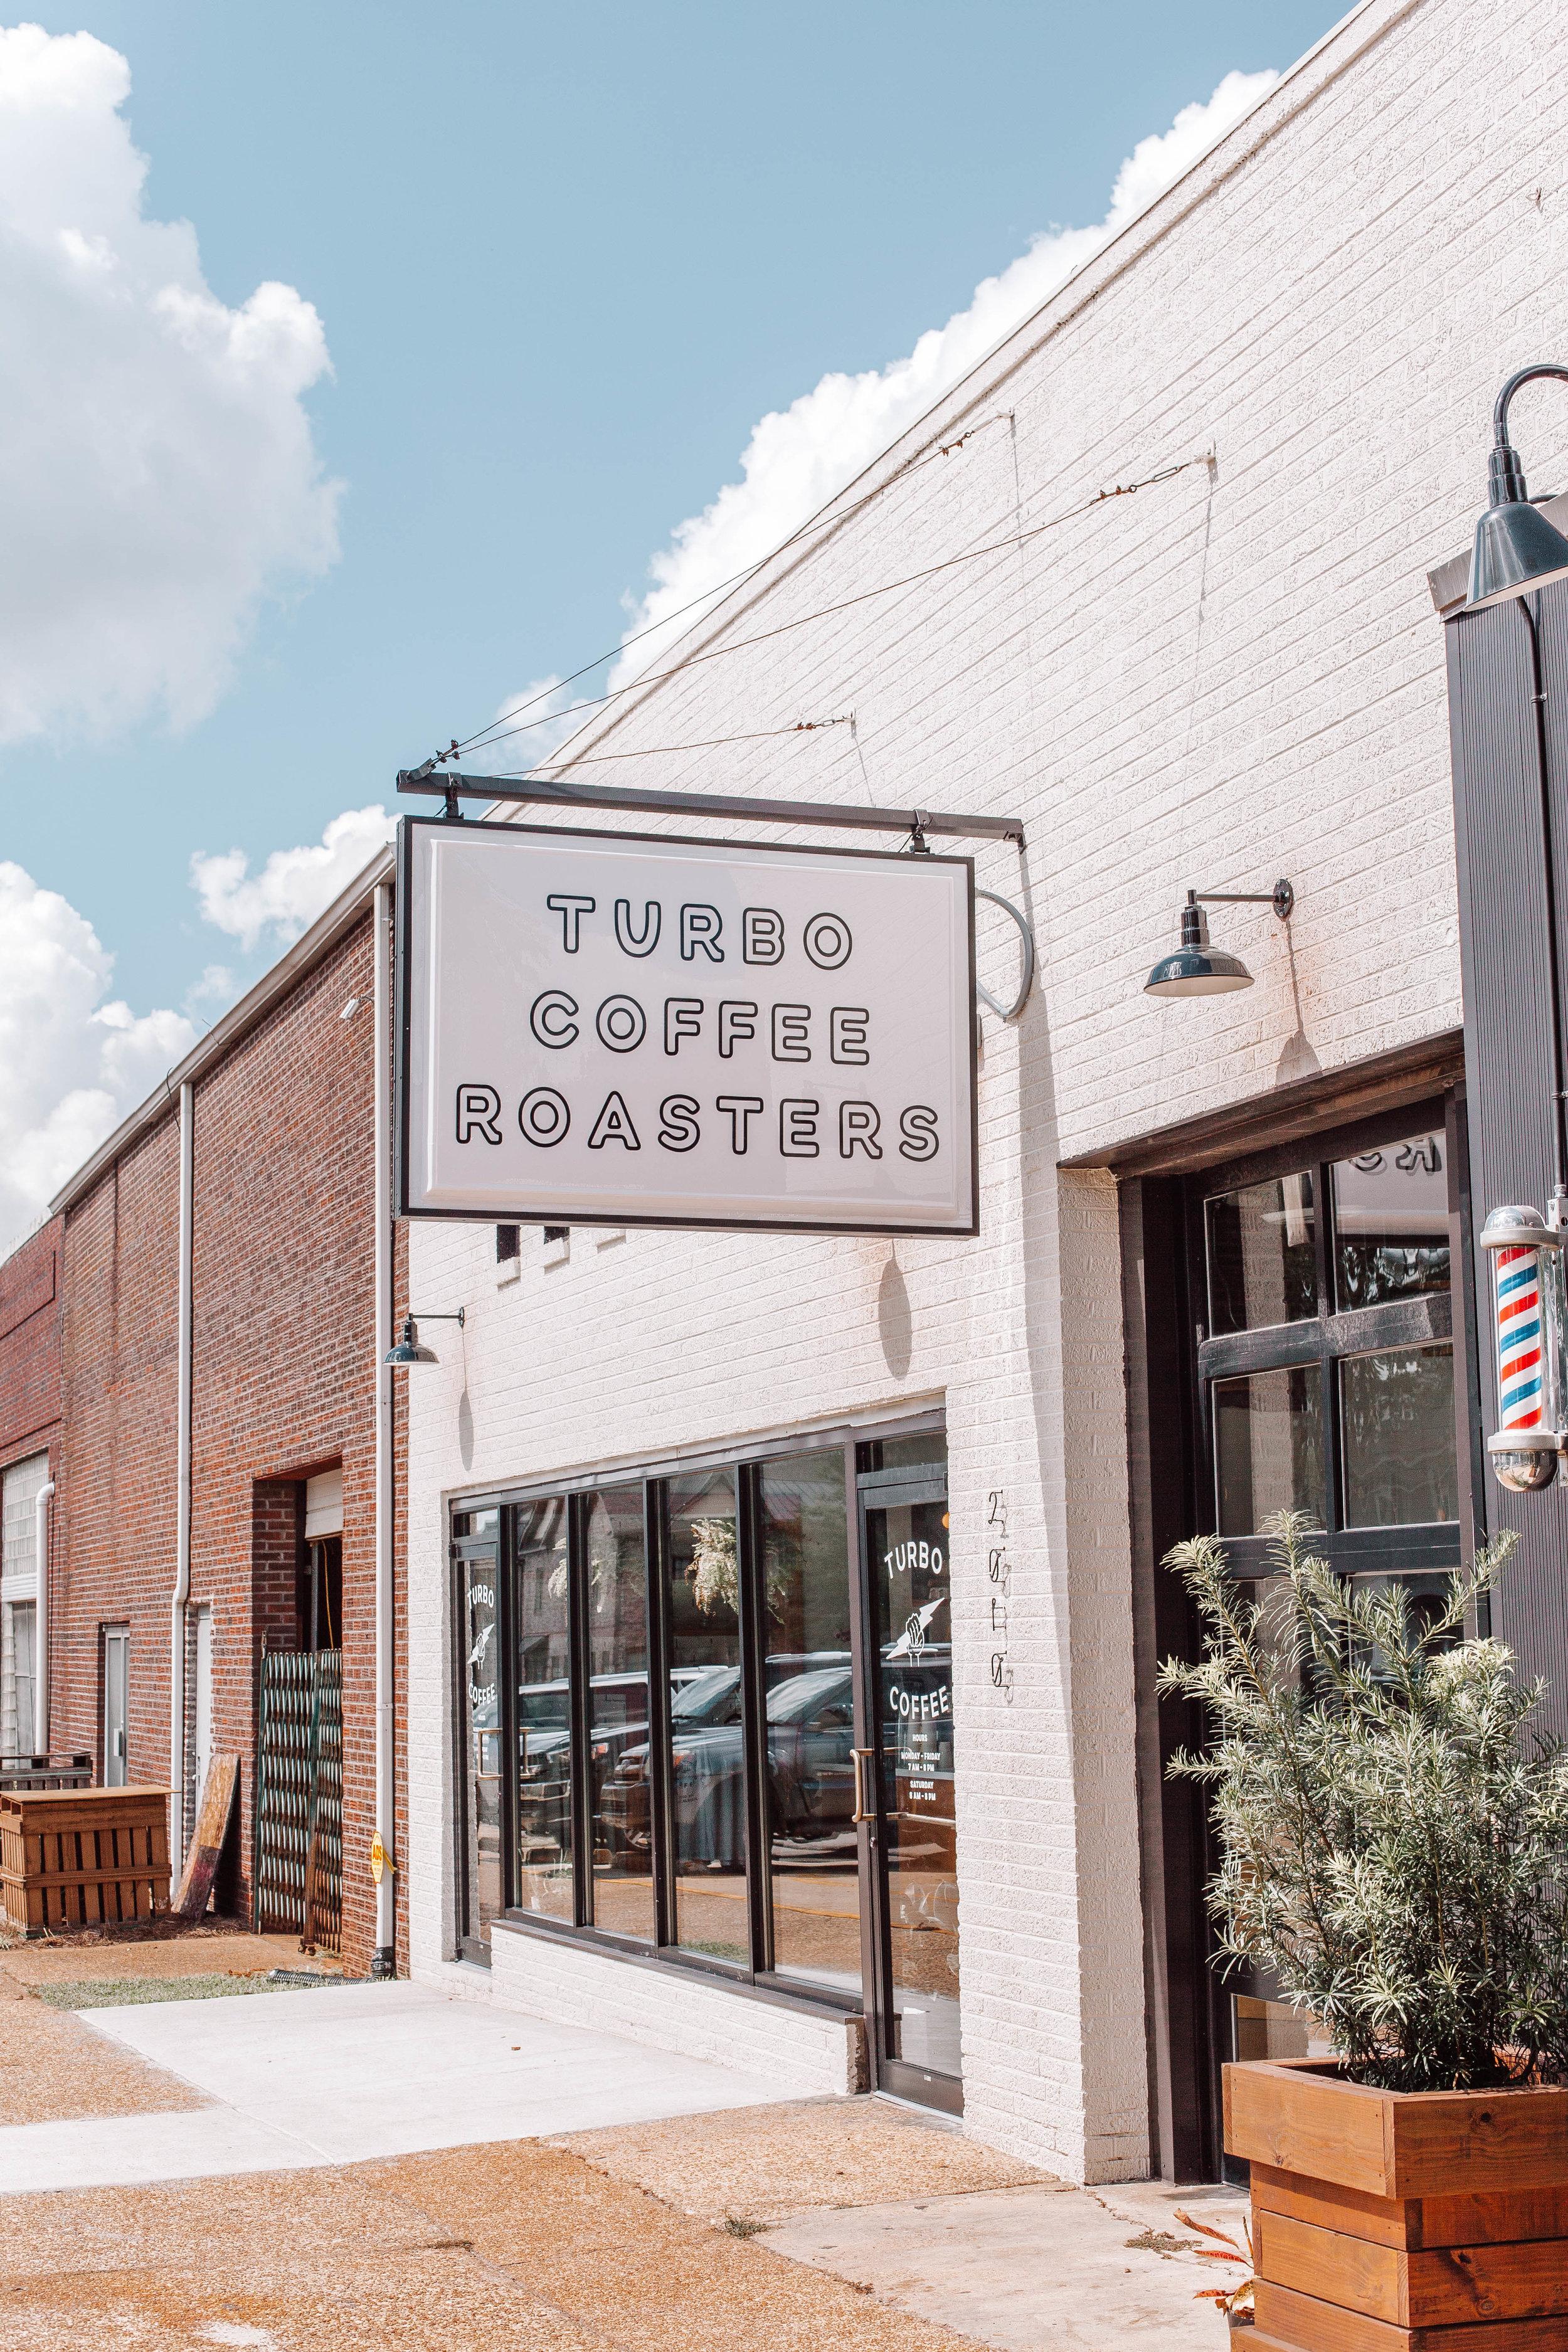 Turbo Coffee Roasters.jpg